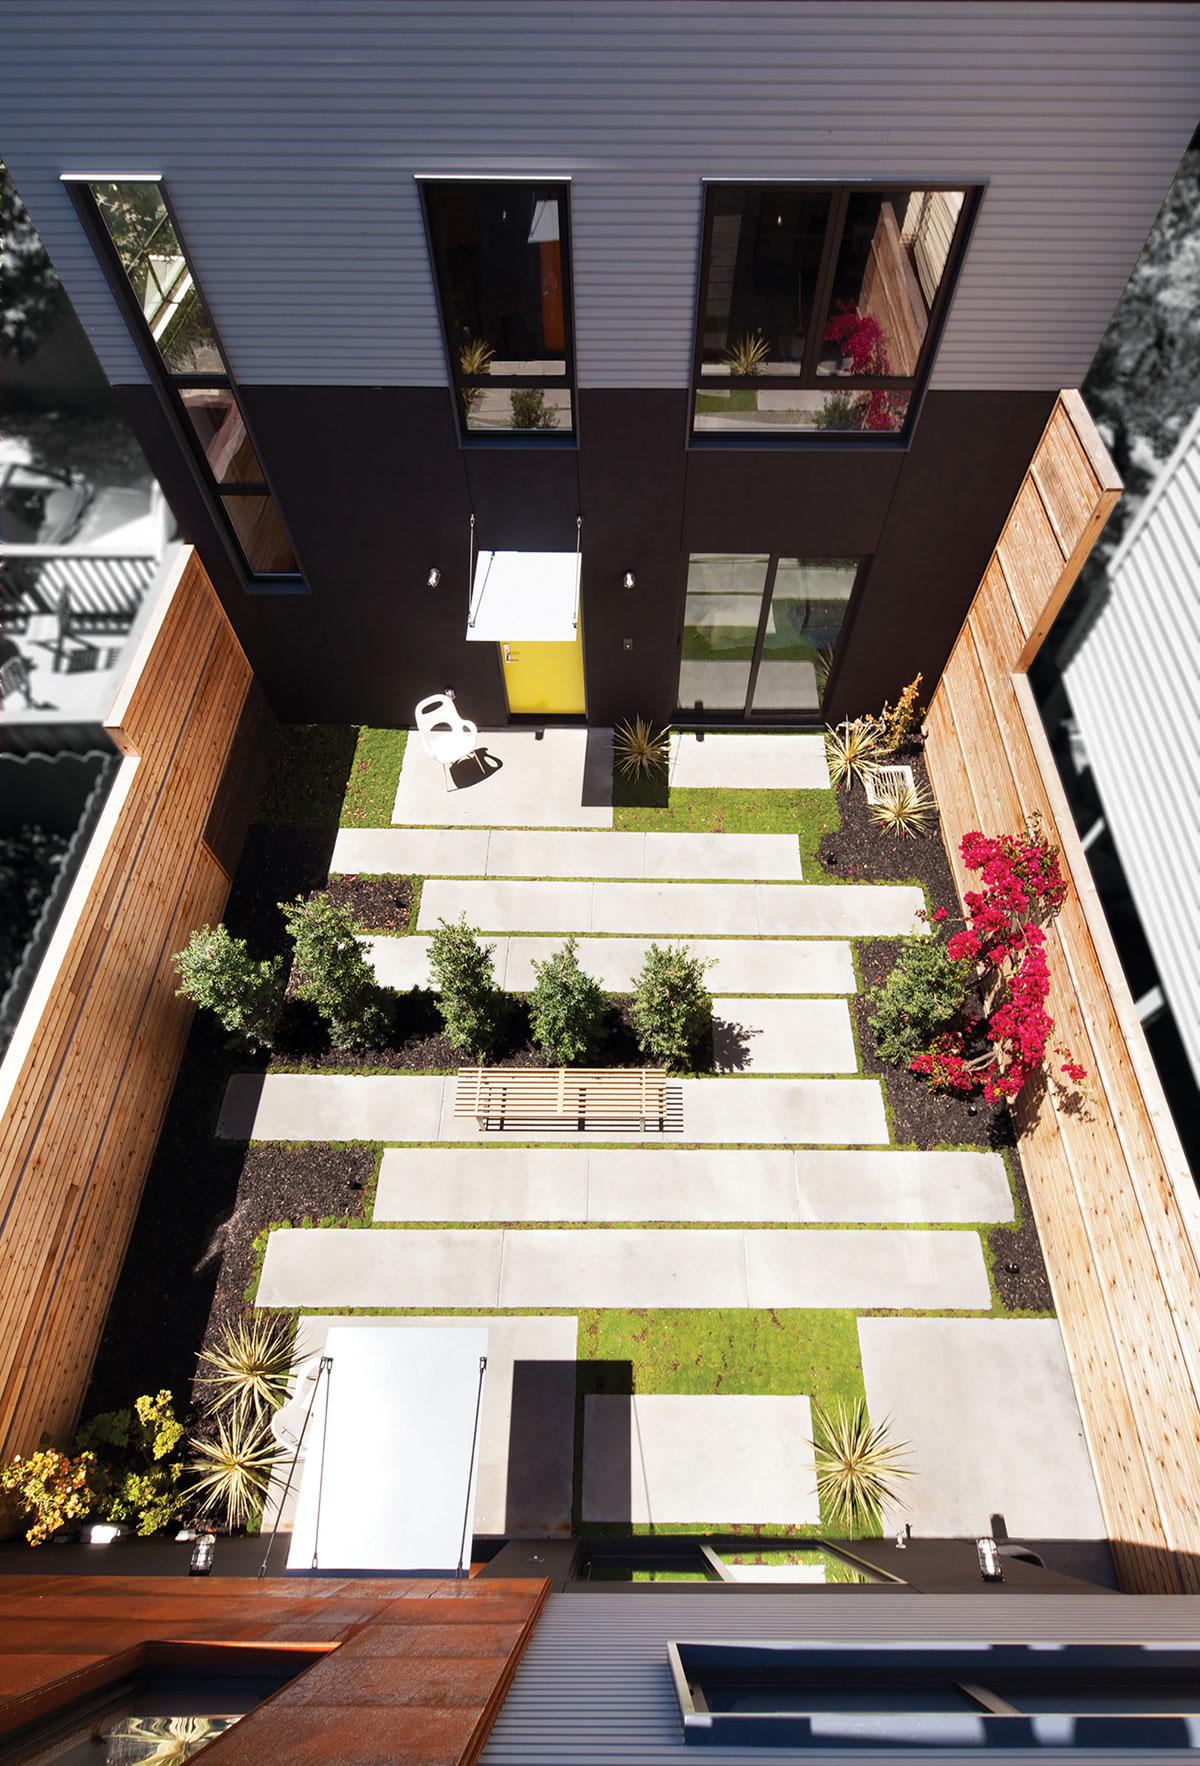 Bright and Elegant Interior Design of Steelhouse 1 plus 2 by Zack de Vito Architecture-01